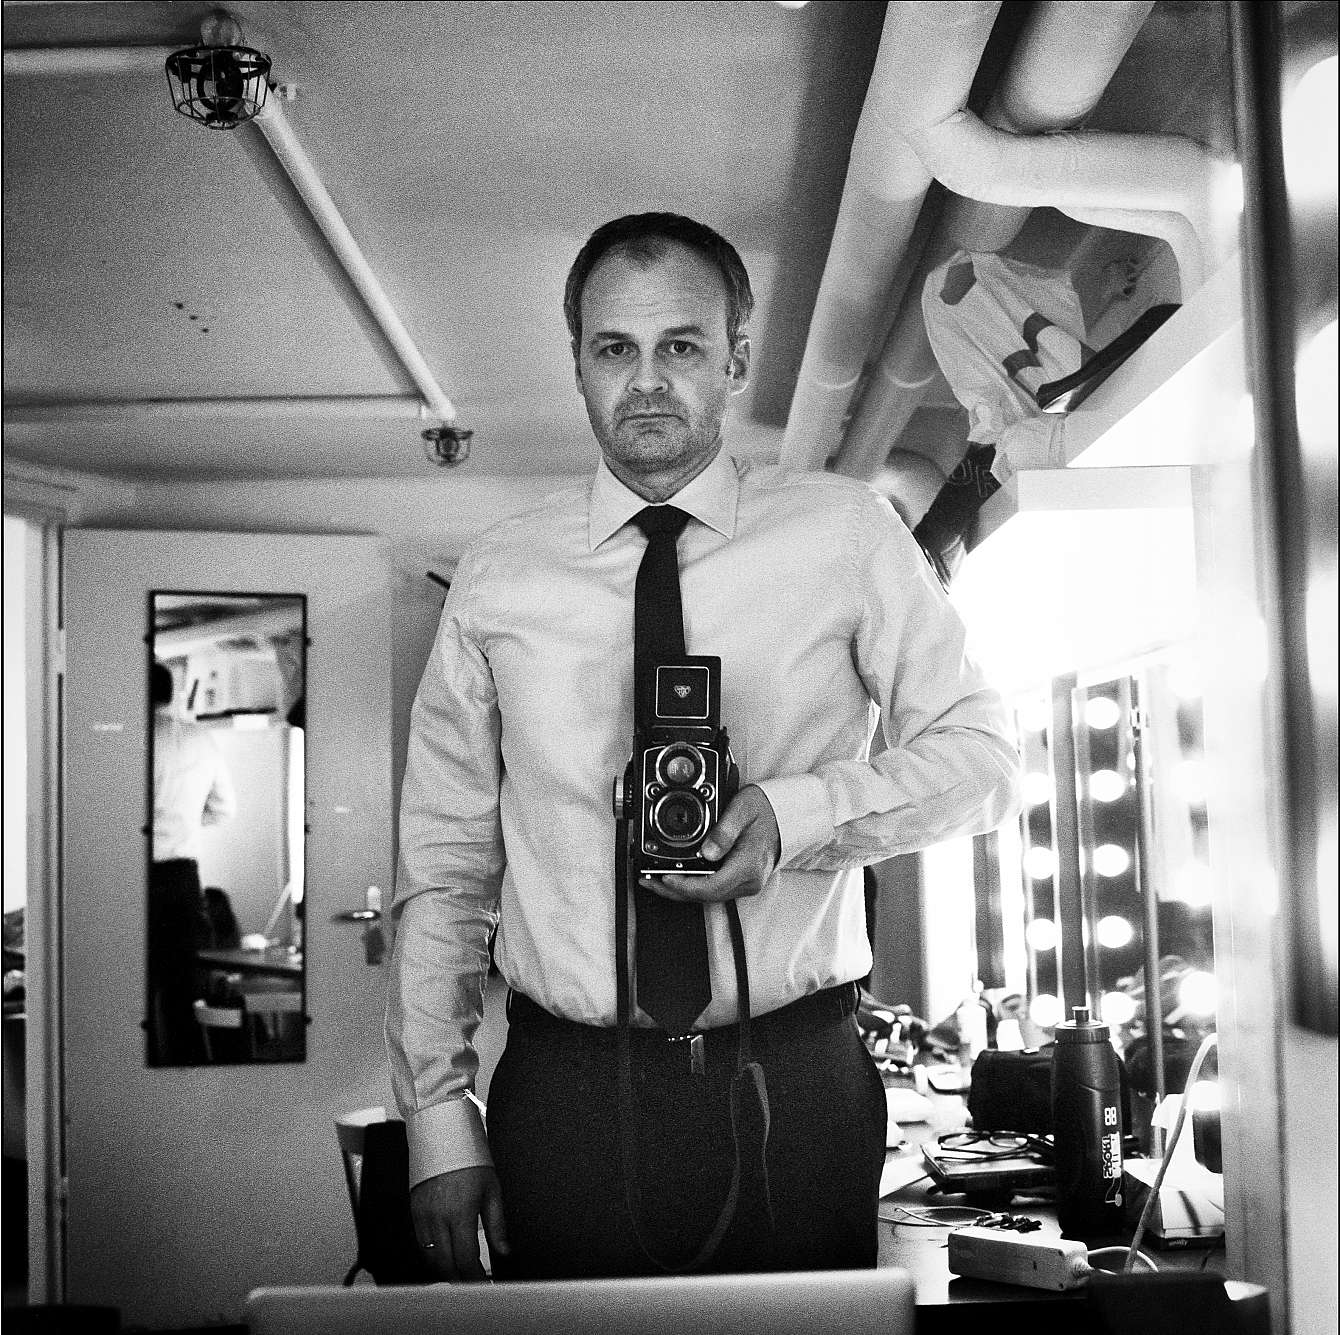 Johan Rheborg uställning Backstage